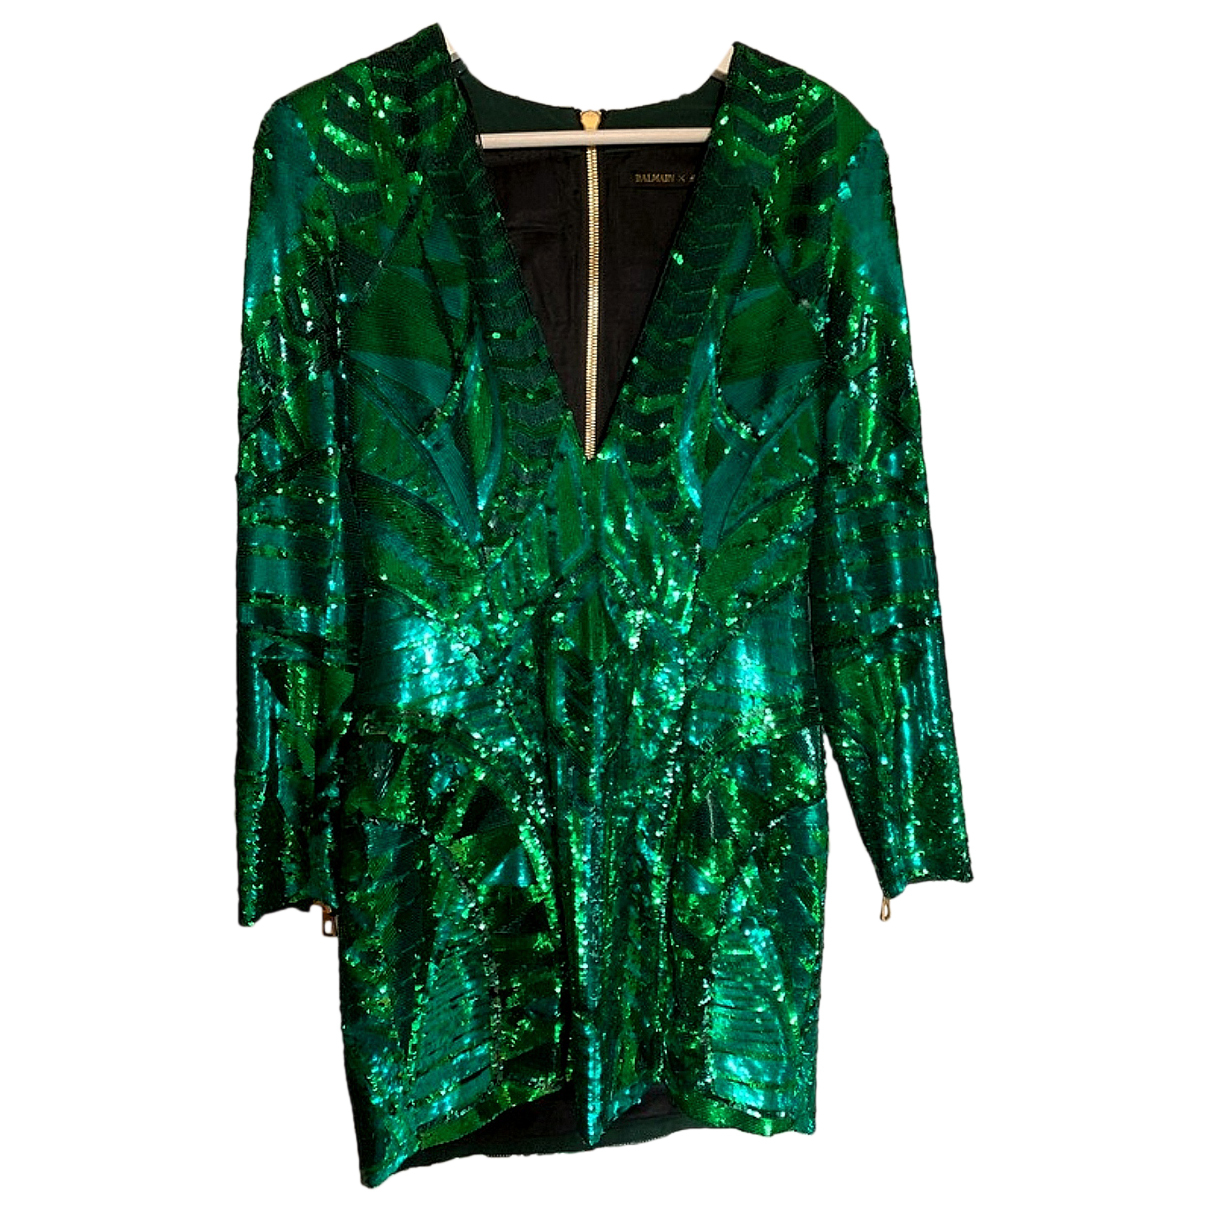 Mini vestido de Con lentejuelas Balmain For H&m